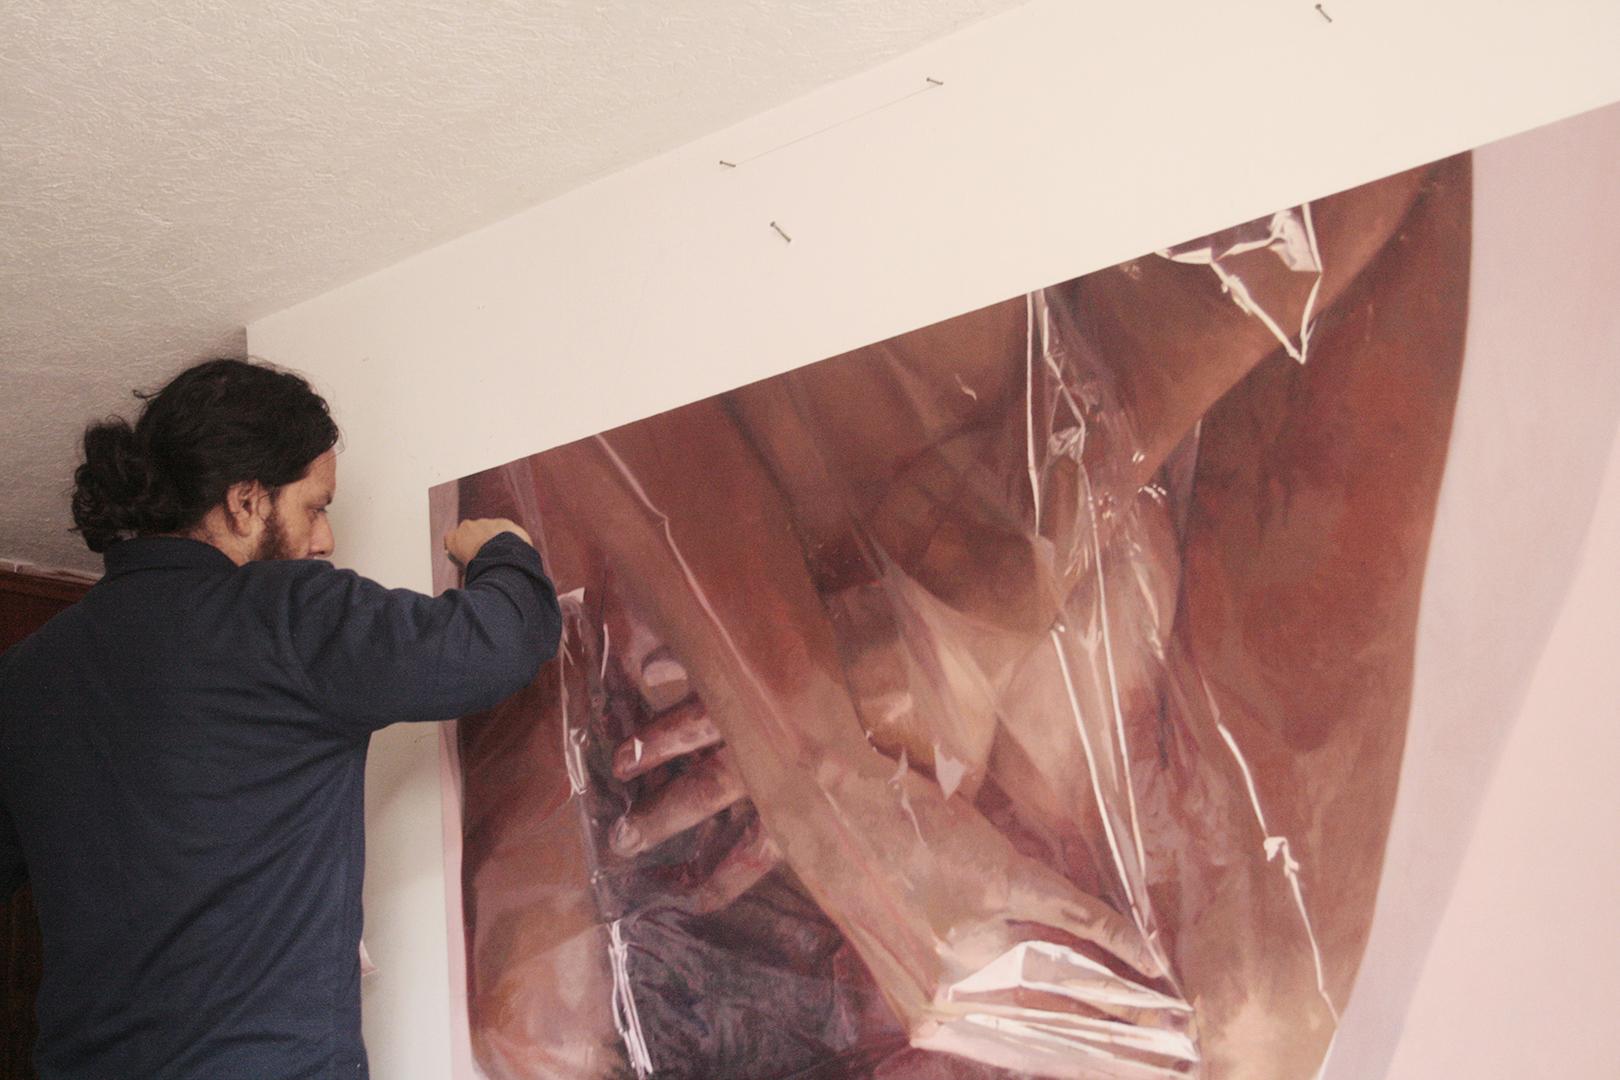 Miguel_Vega_Magallon_Mexican_Contemporary_Artist_Artista_contemporaneo_Mexico_DF_Gegenwarts_kunst_paintings_pintura_canvas_10